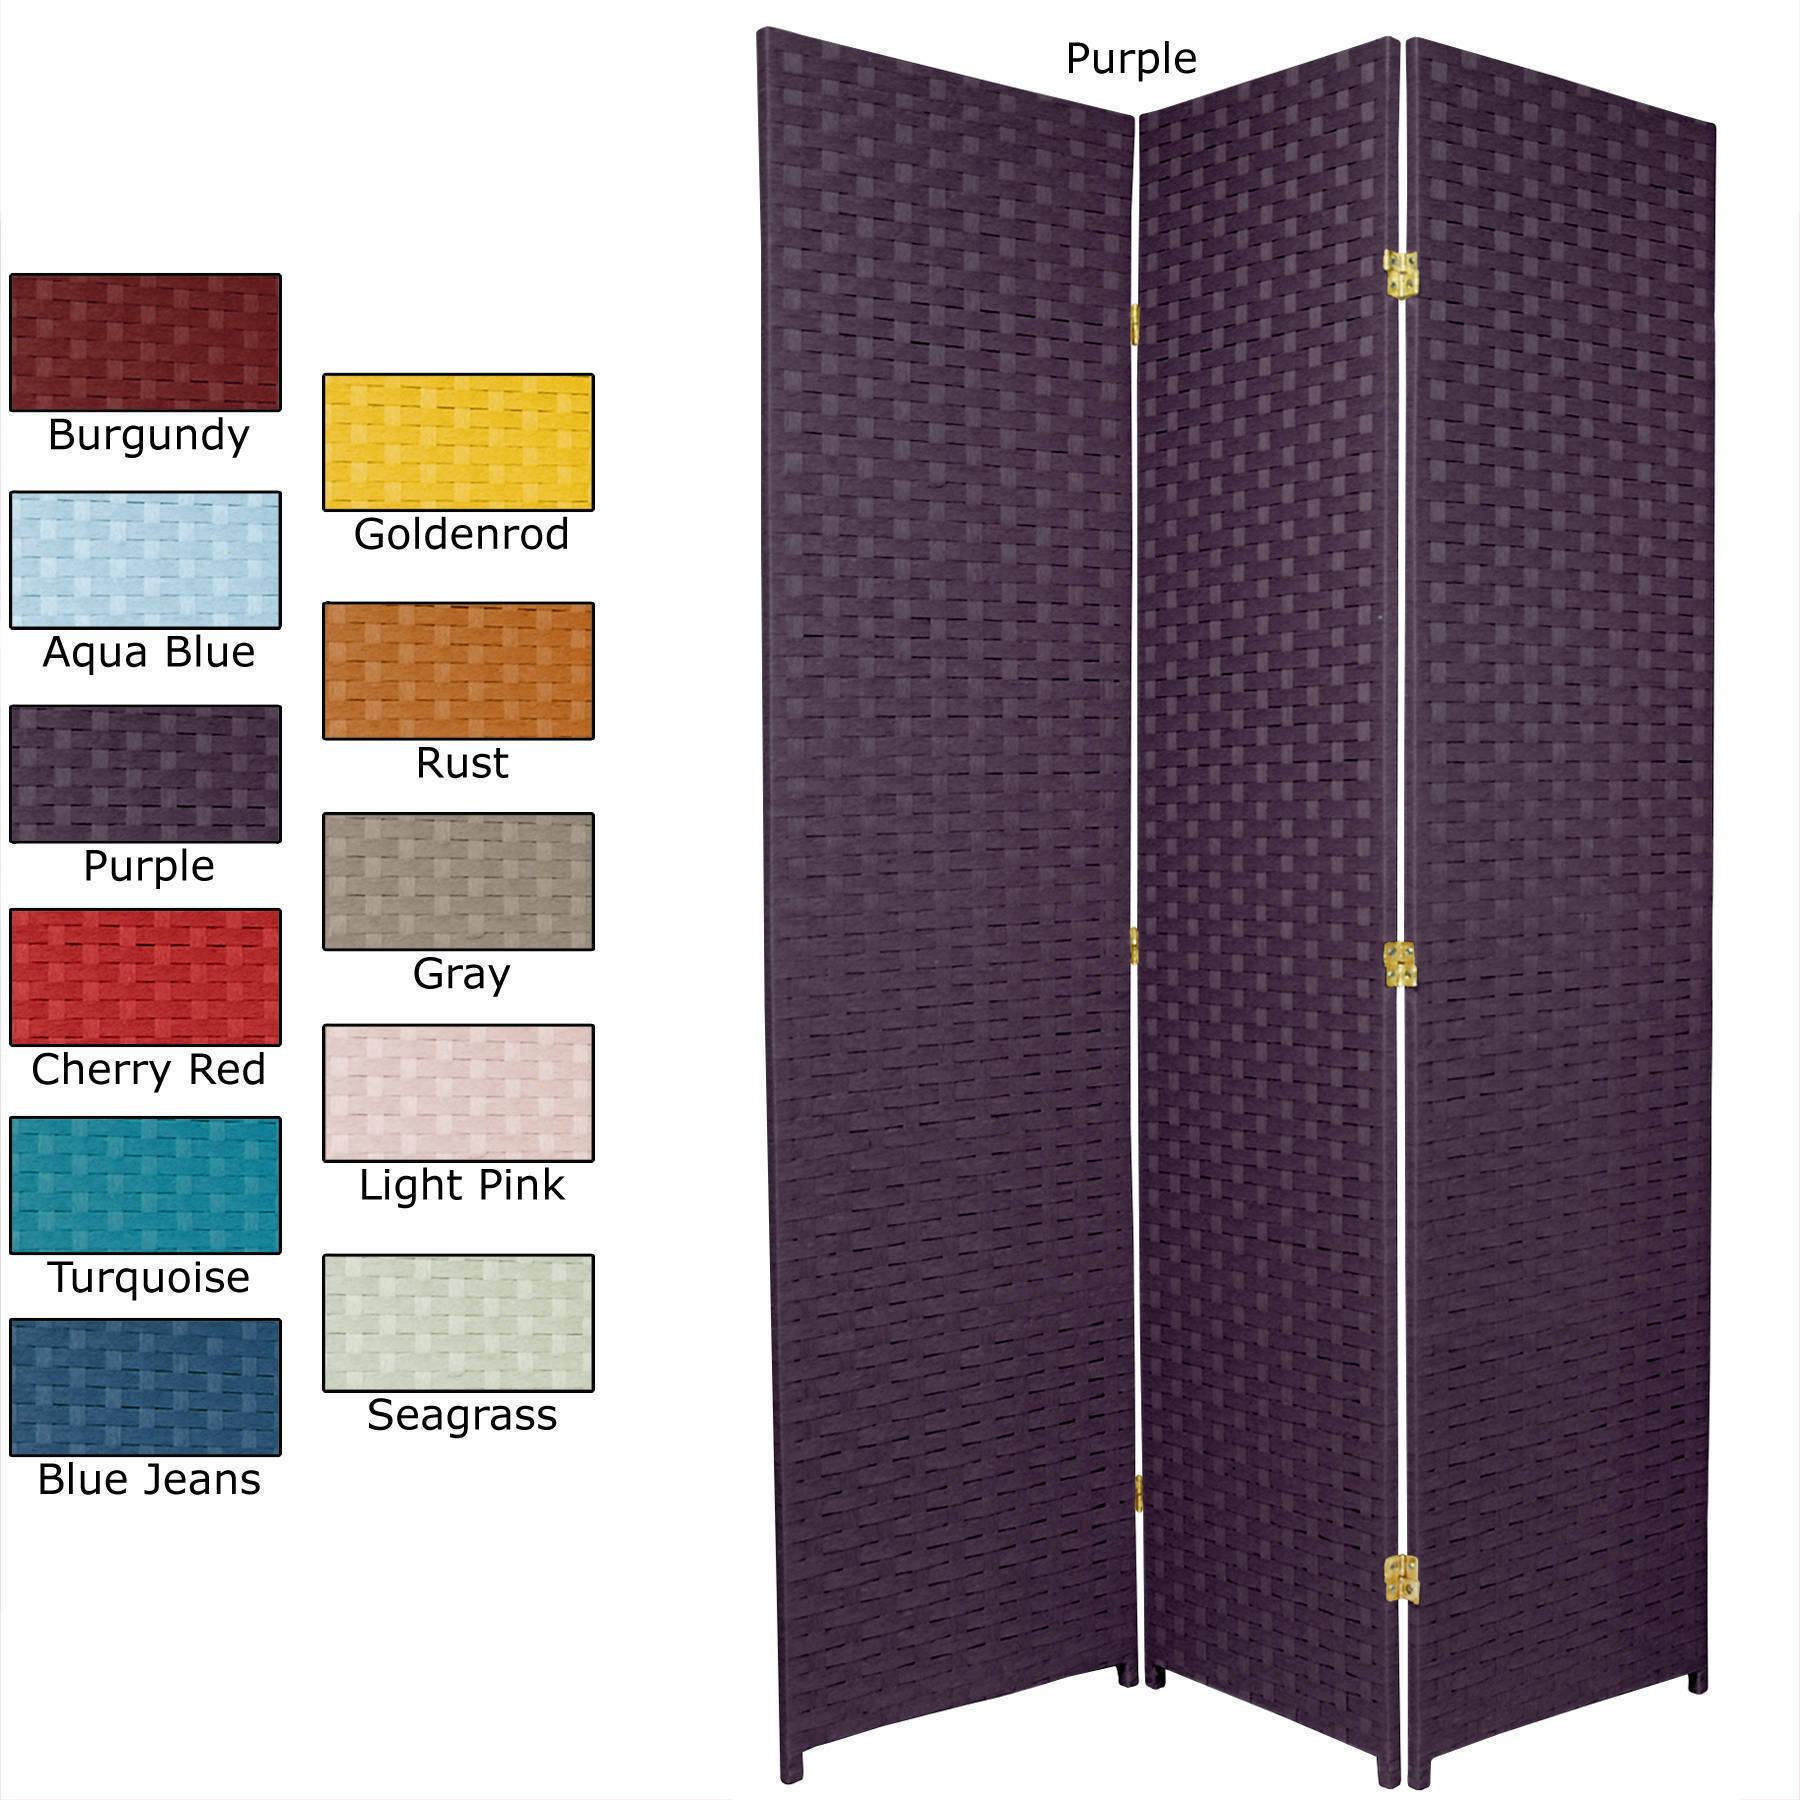 Handmade 6-foot Tall Special Edition Woven Fiber Room Div...